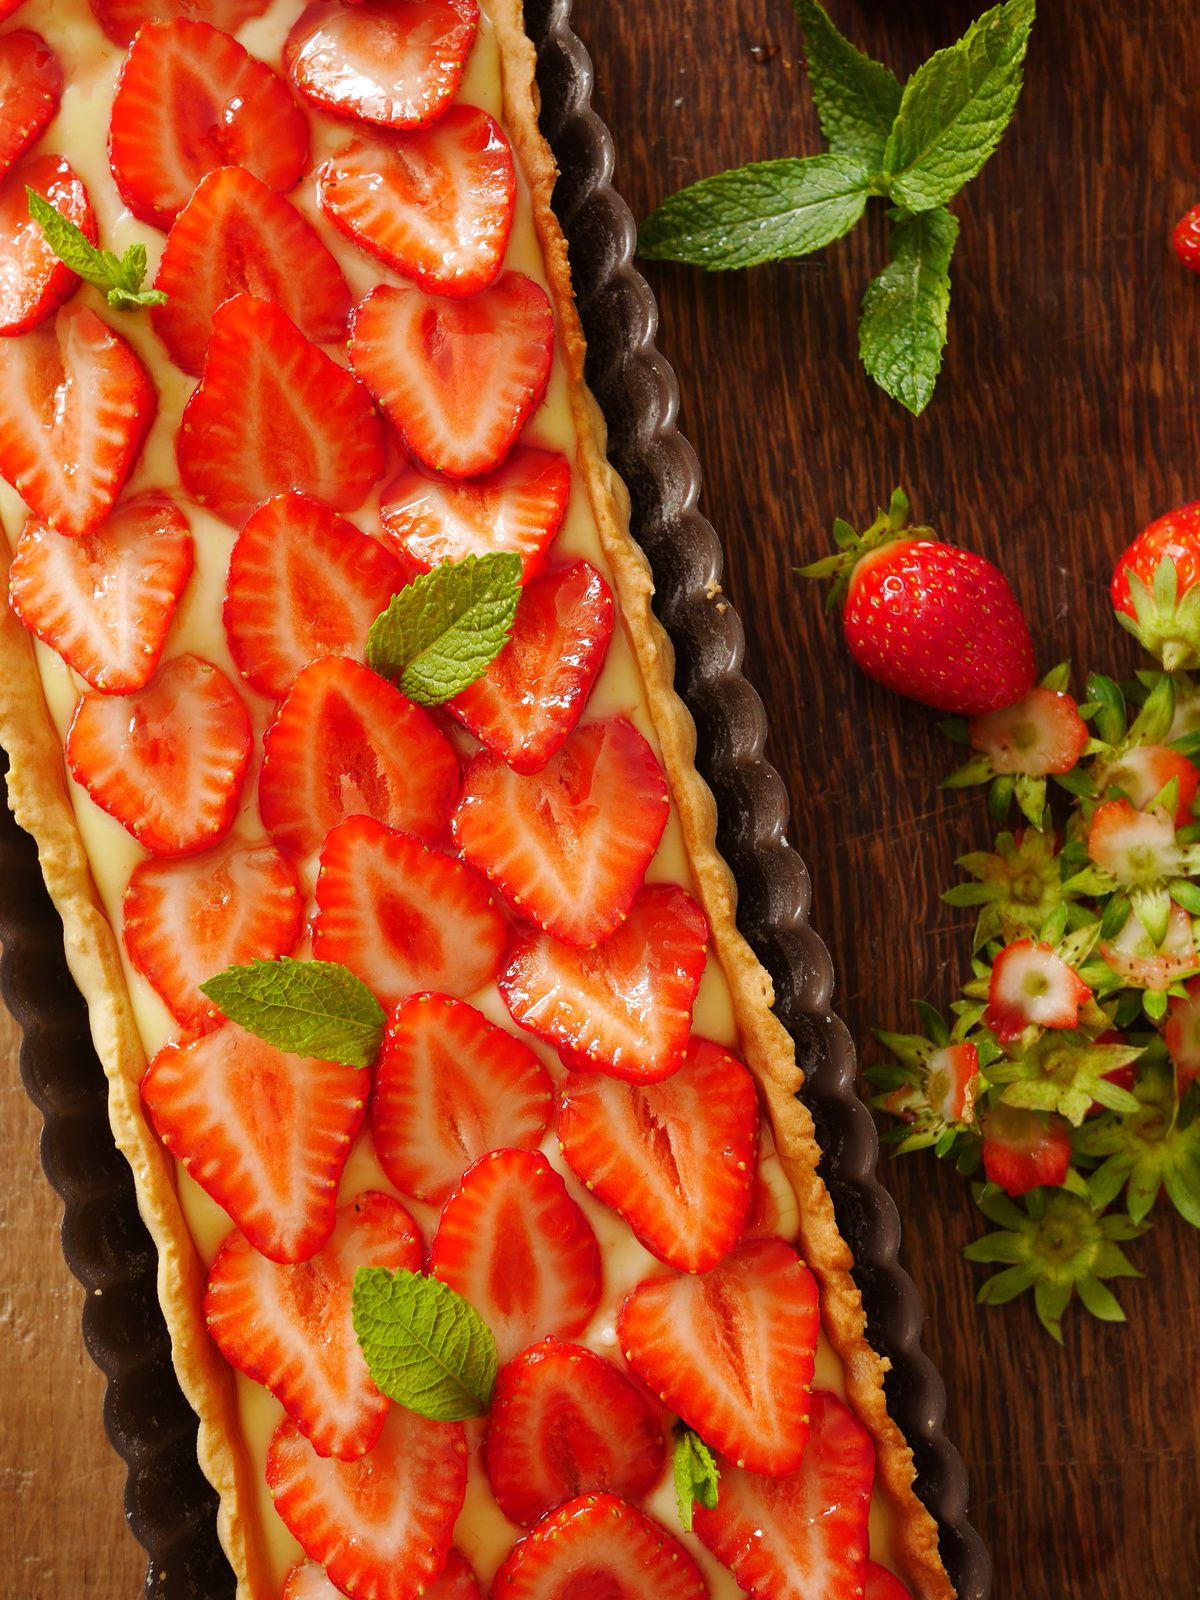 Tarte aux fraises cook processor kitchenaid